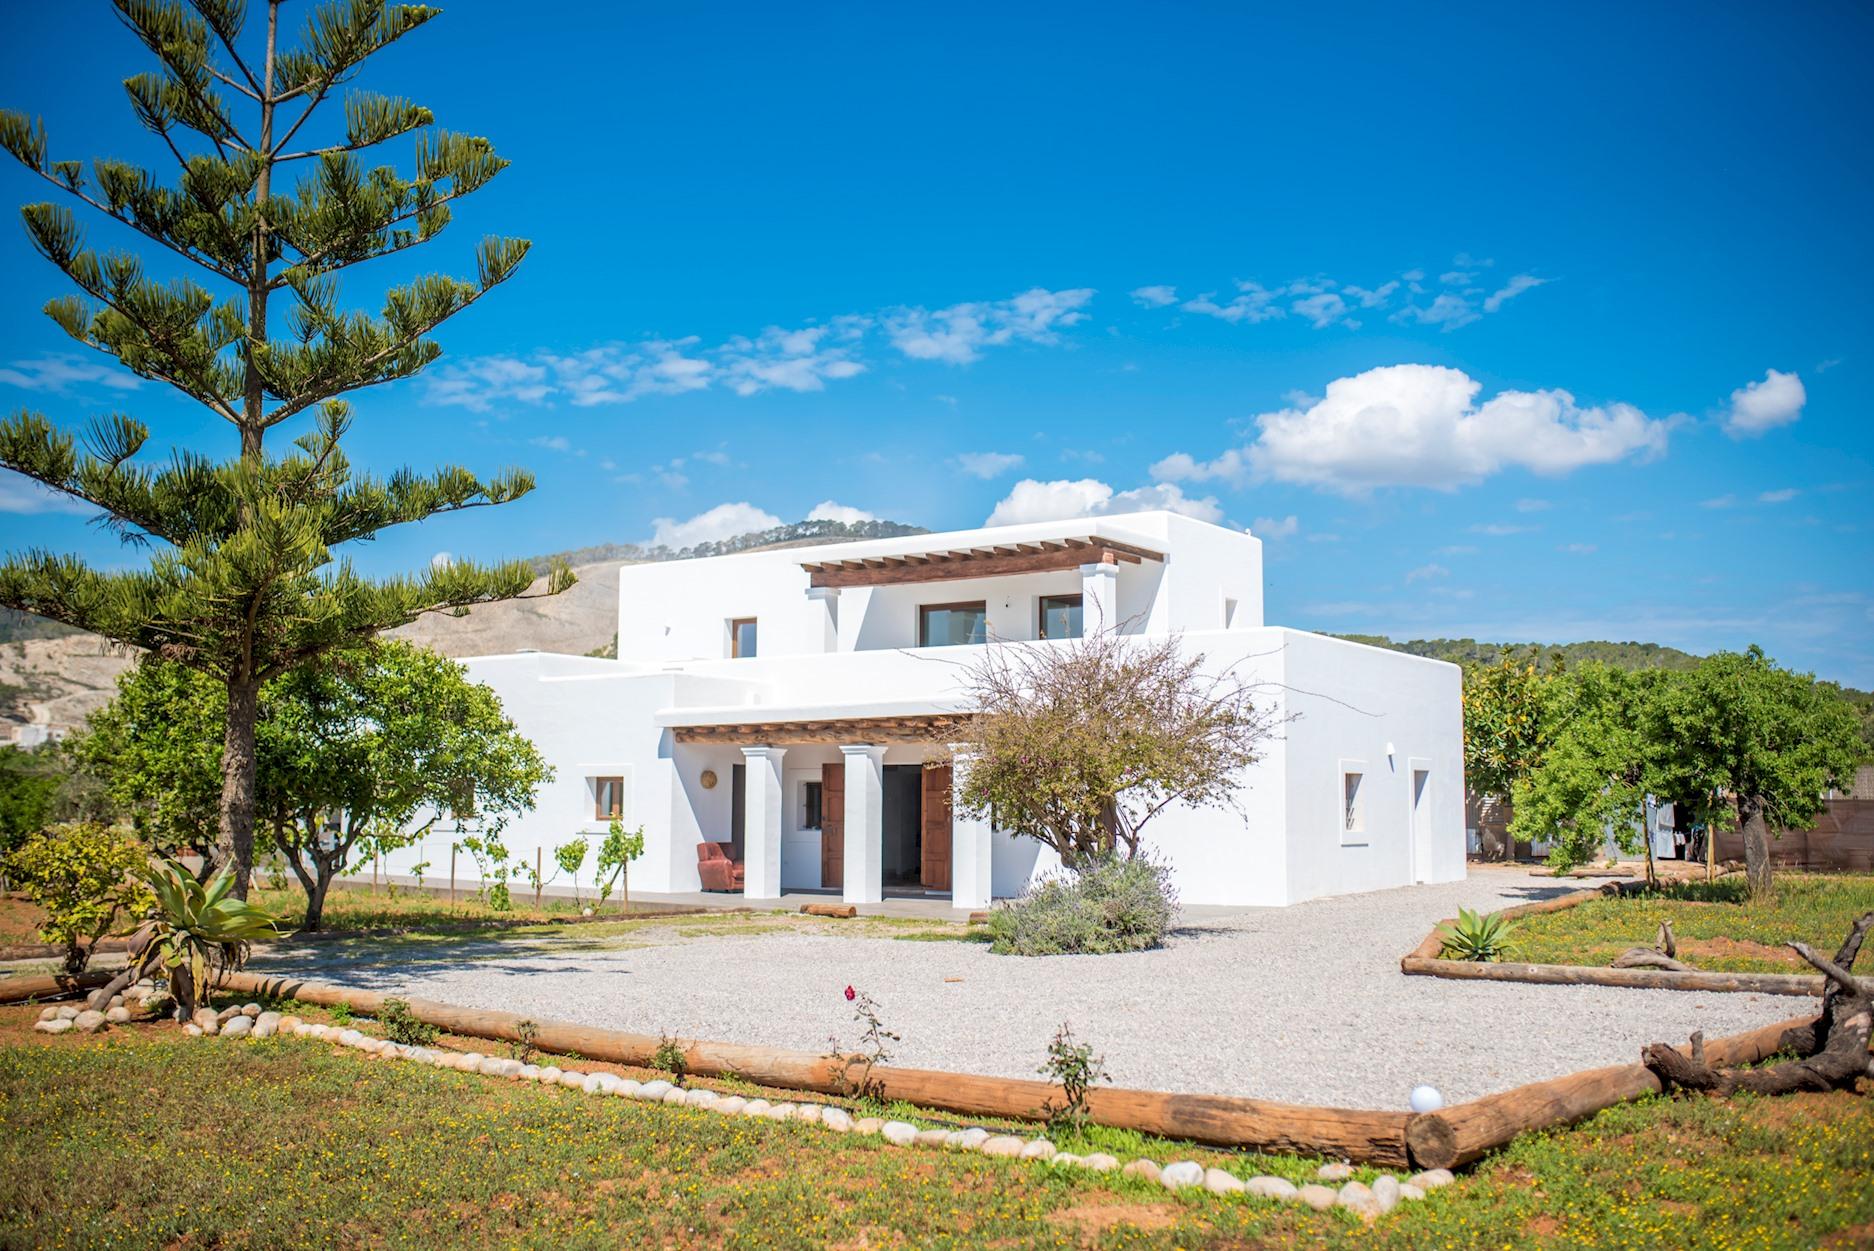 Villa a 5km de playa Salinas, con piscina, Wi-Fi y jardin photo 18455525